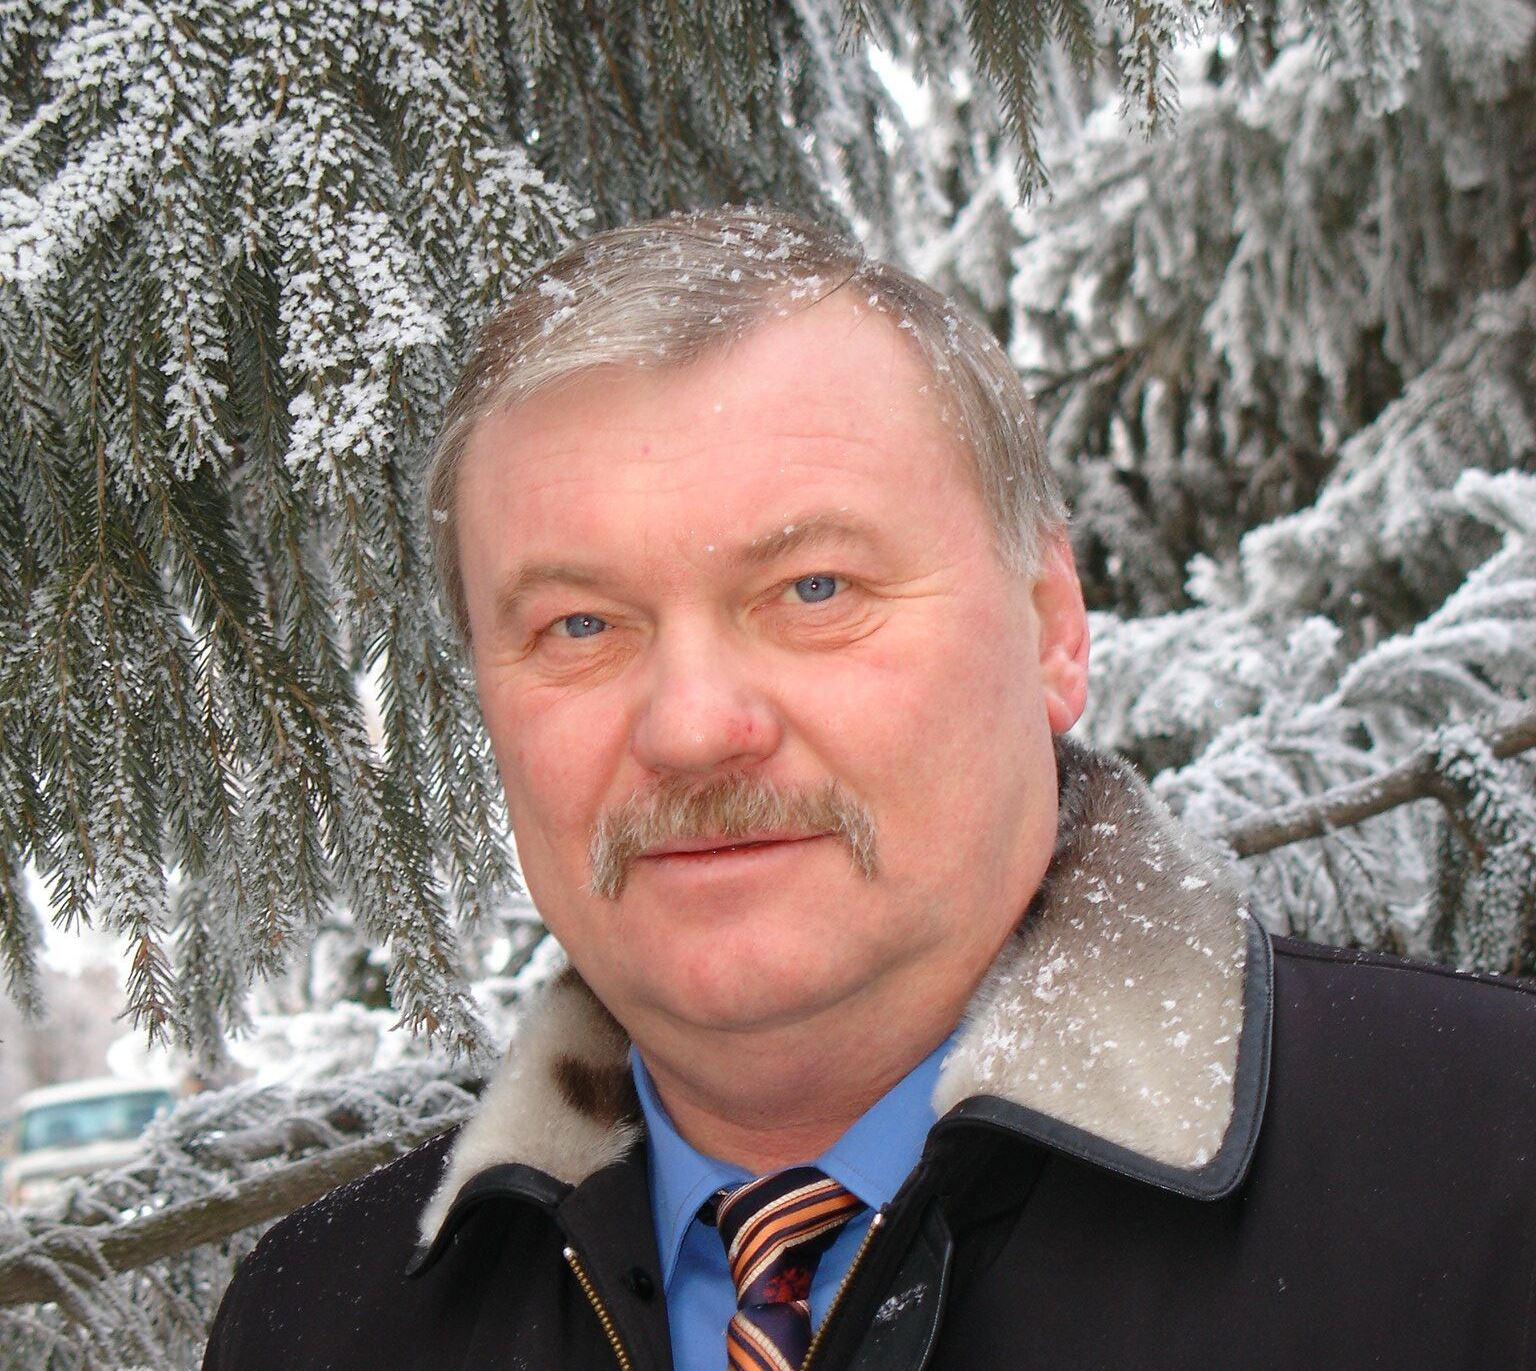 Валерий Чараев родился в Еманжелинске в 1960 году. По окончании факультета авиационных двигателей